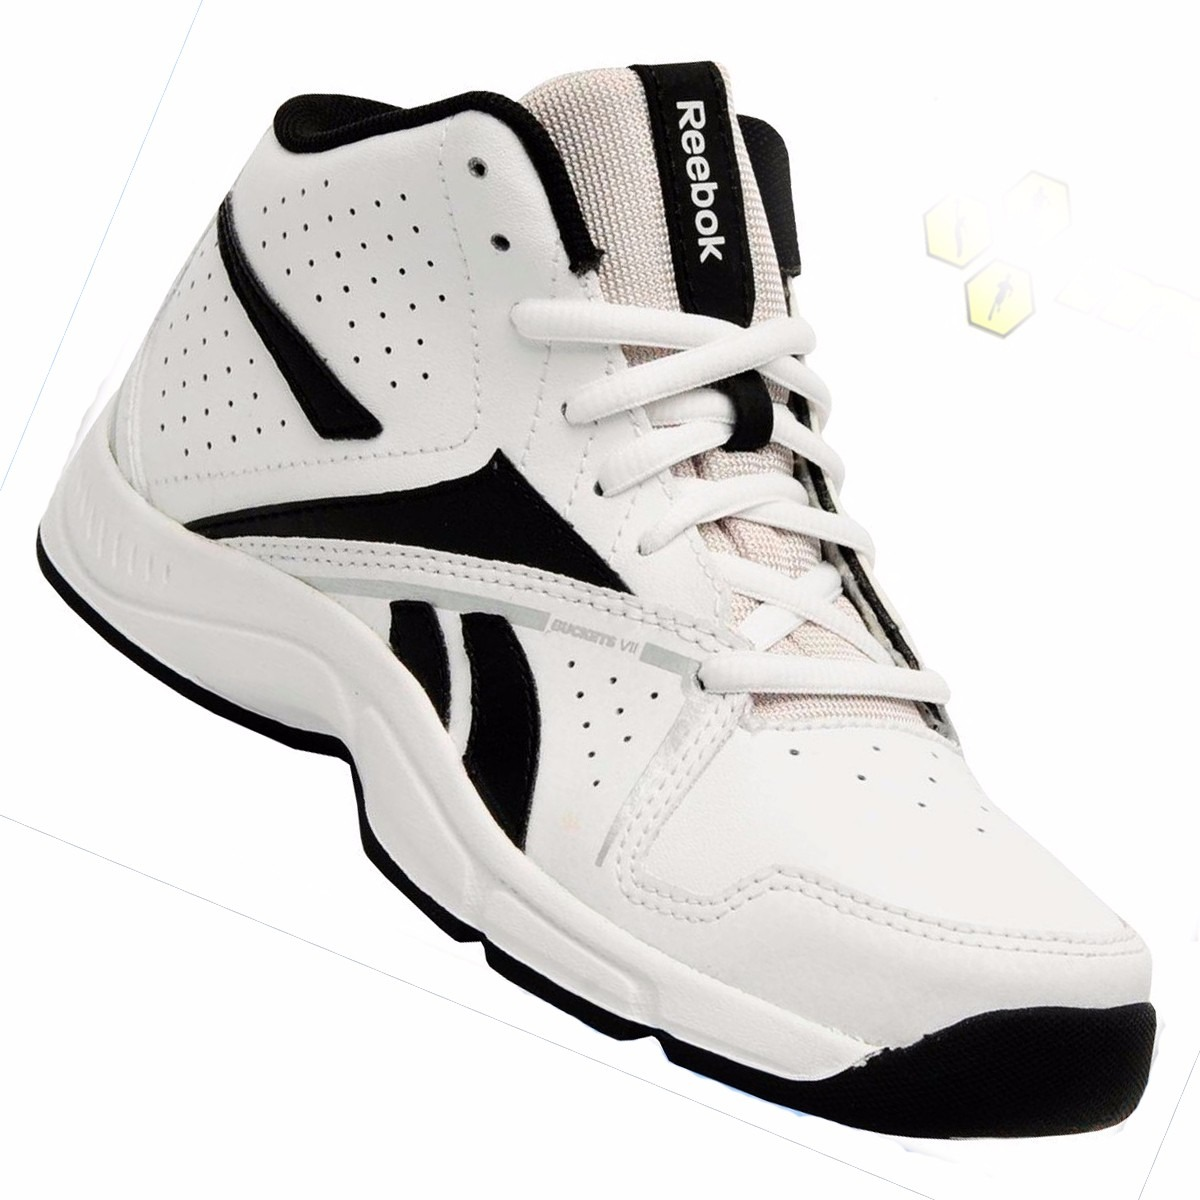 43b217742f0 bota botita champión alto calzado basketball d niño reebok. Cargando zoom.